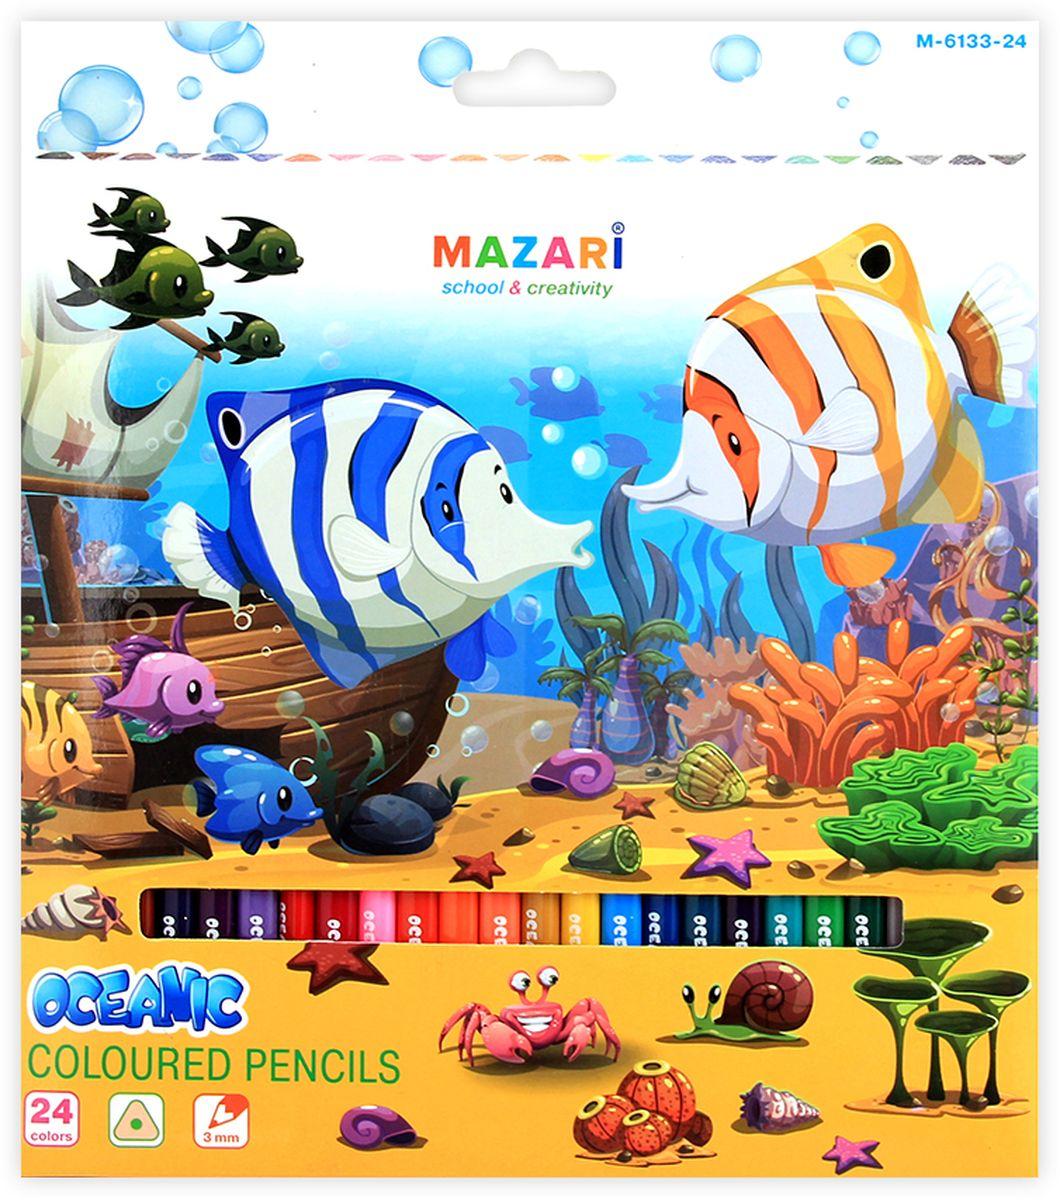 Mazari Набор цветных карандашей Oceanic 24 штМ-6133-24Карандаши цветные Mazari Oceanic имеют эргономичную трехгранную форму корпуса.Карандаши поставляются с заточенным грифелем. Цветные карандаши имеют яркие насыщенные цвета. В наборе 24 карандаша. Карандаши легко затачиваются.С цветными карандашами ваши дети будут создавать яркие и запоминающиеся рисунки.